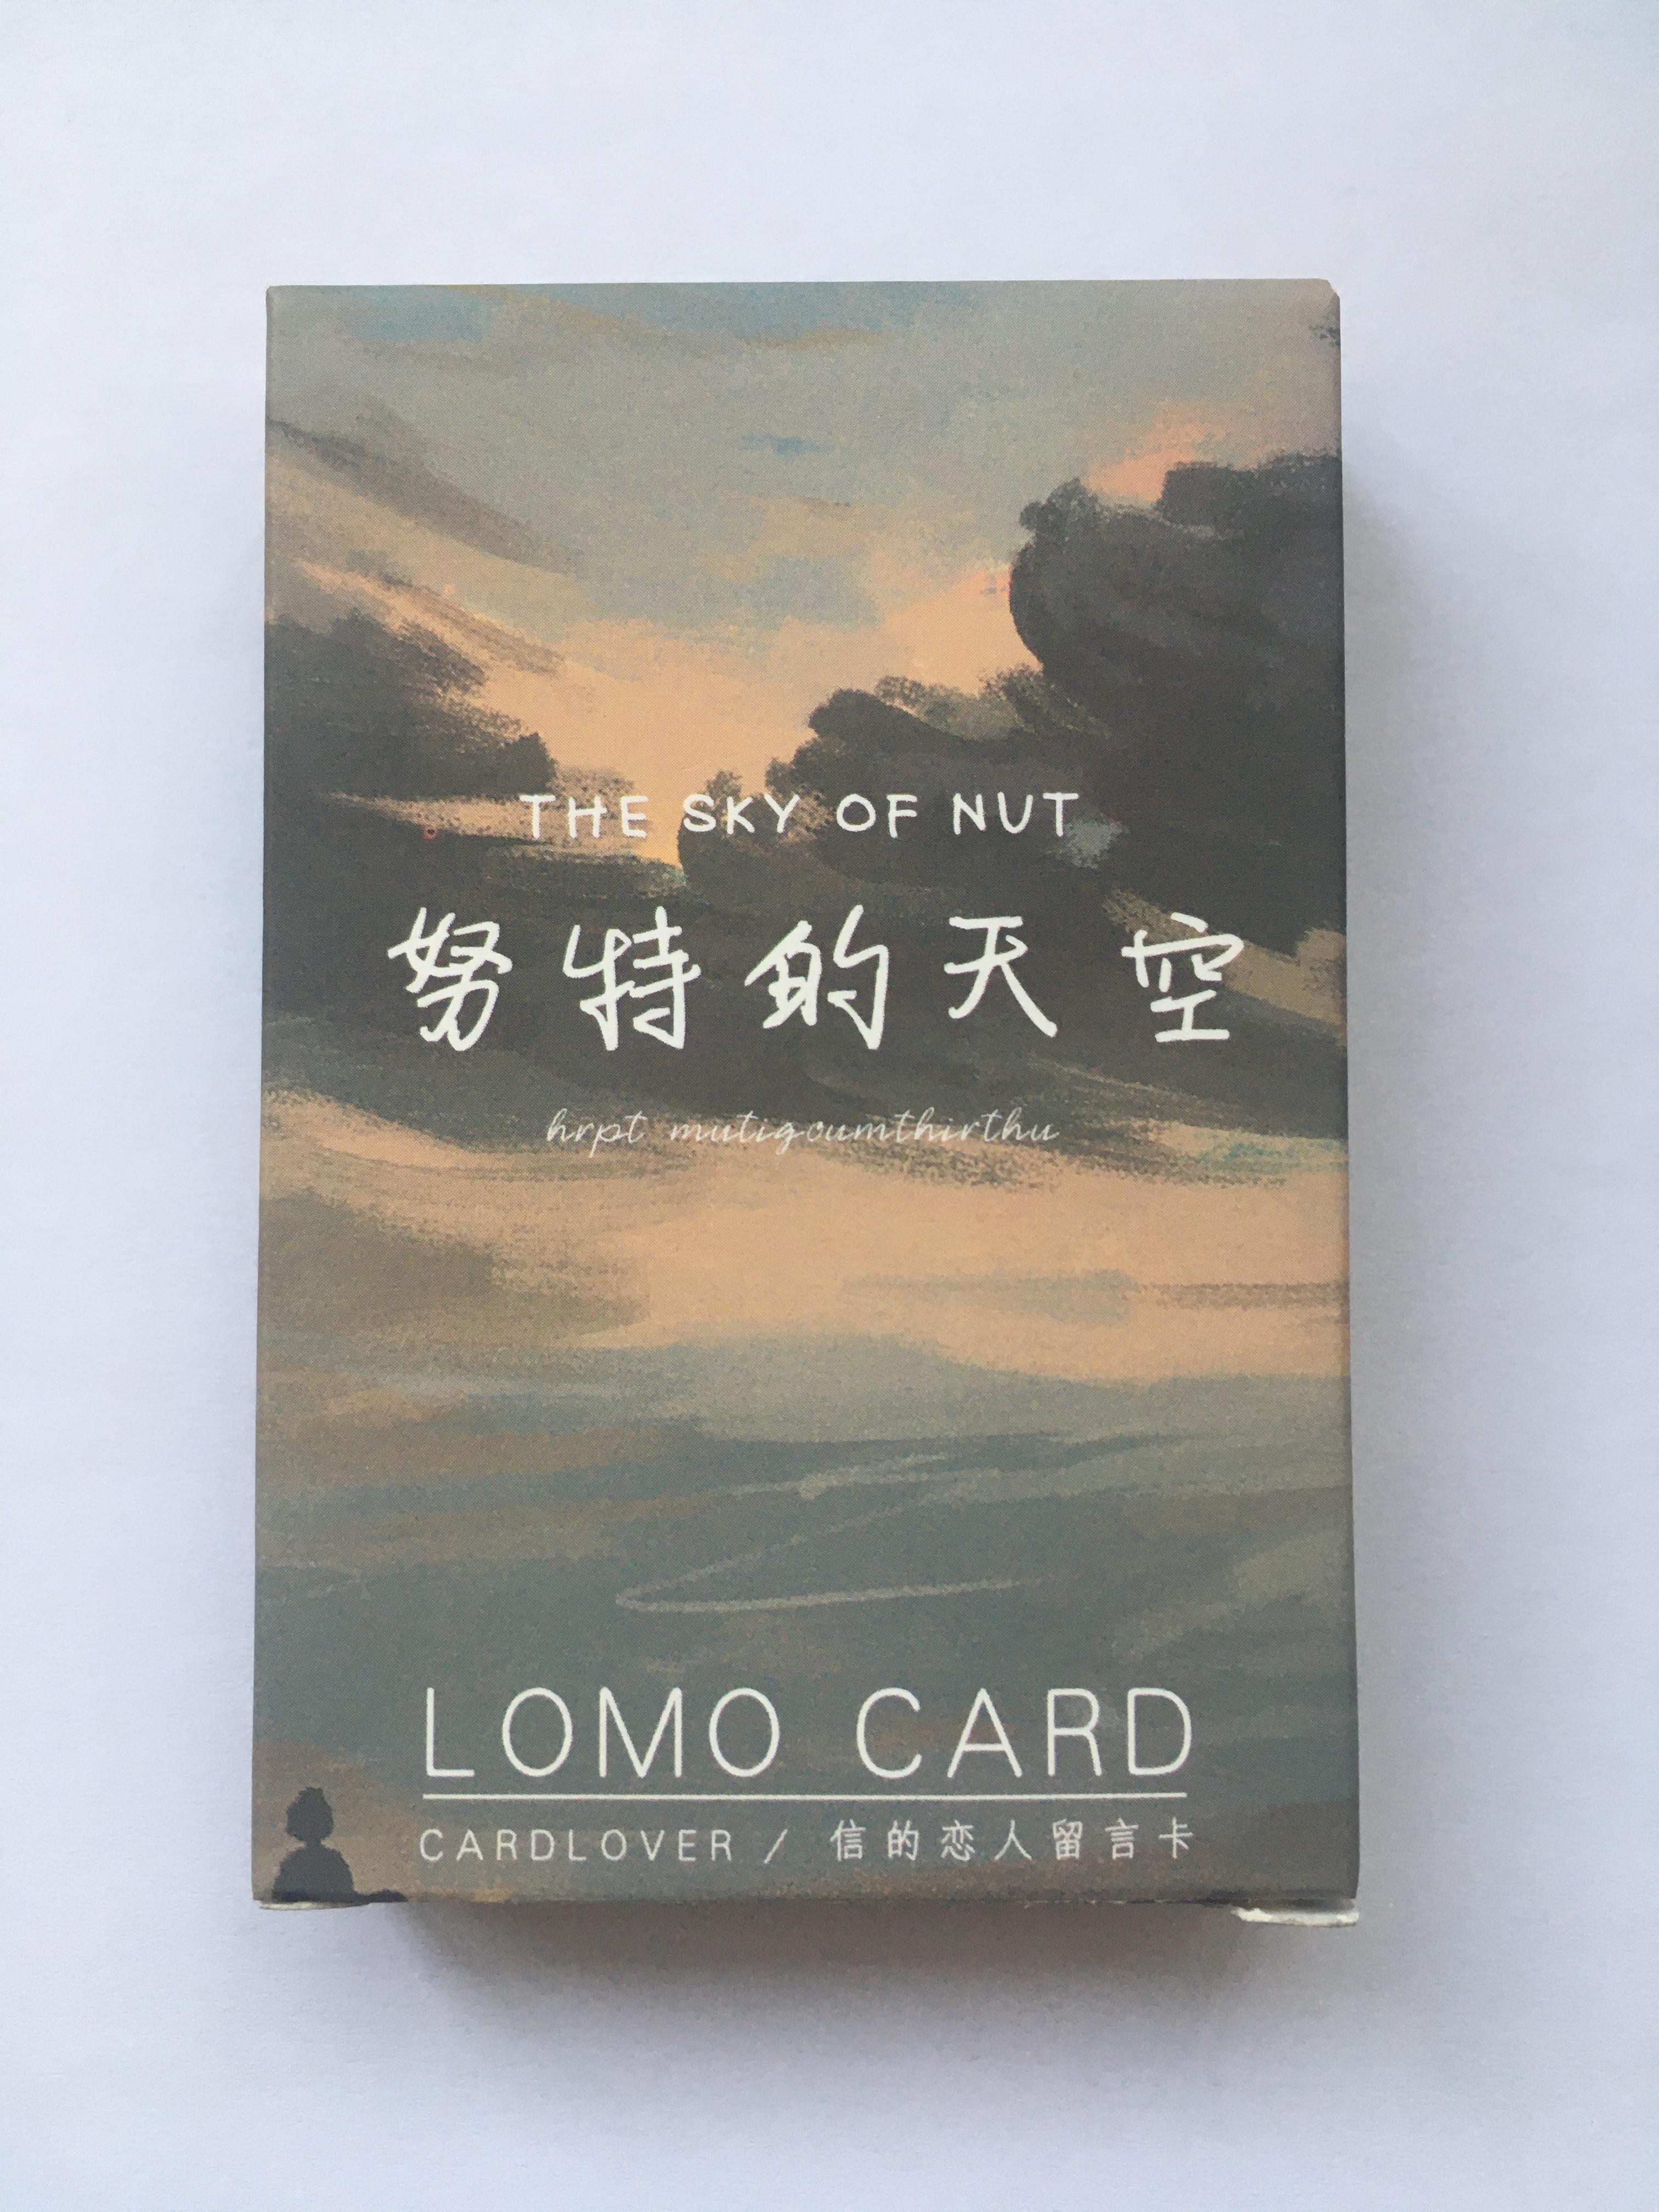 52mm * 80mm nuage ciel papier carte de voeux lomo carte (1 paquet = 28 pièces)